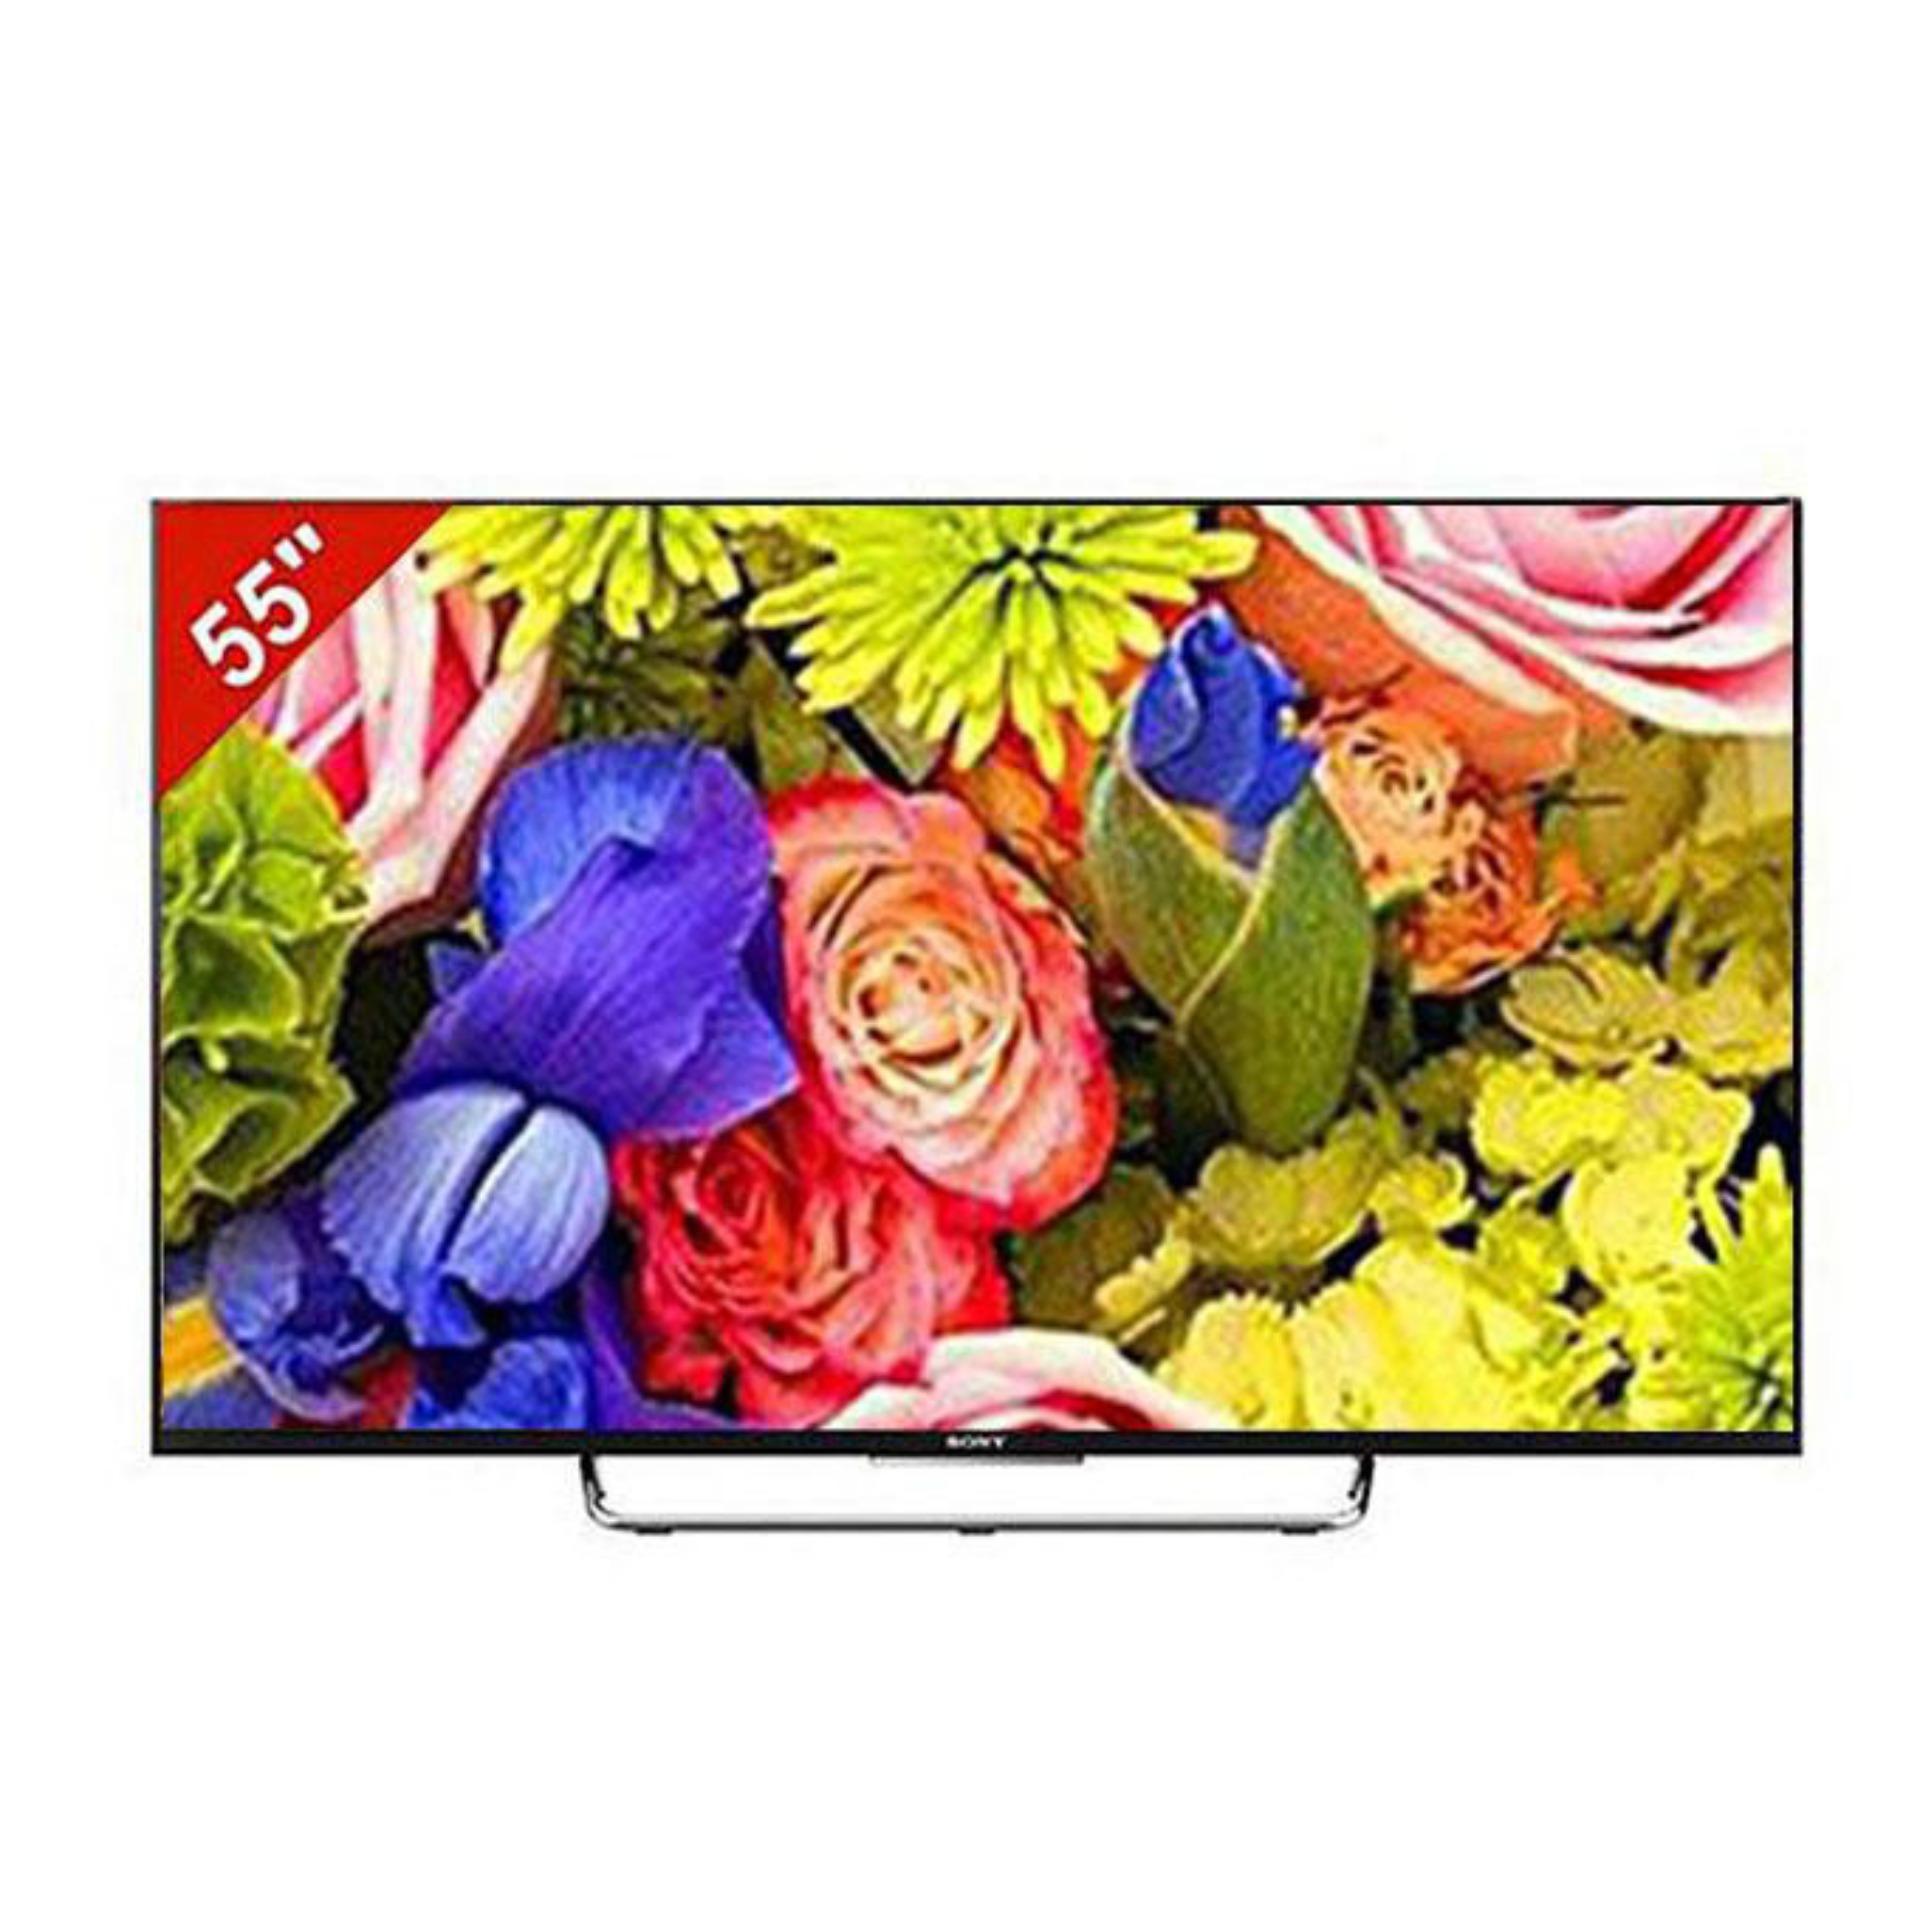 3D LED TV 55'' KDL W800C - Black